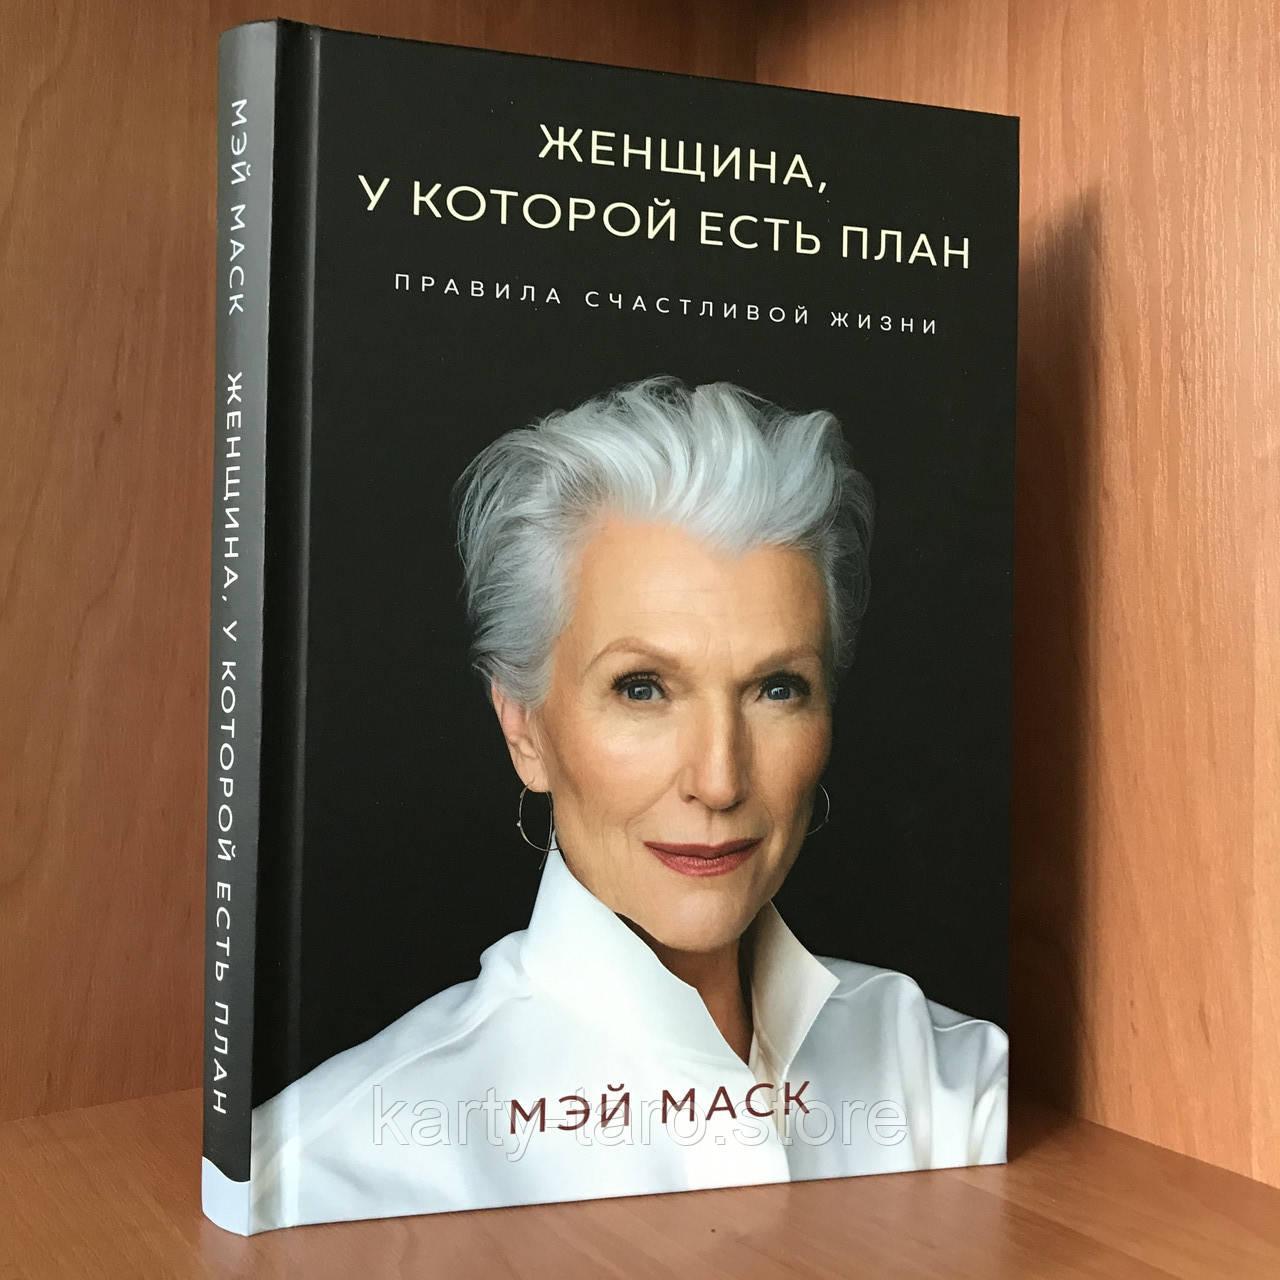 Книга Женщина, у которой есть план. Правила счастливой жизни - Мэй Маск (ТВЕРДАЯ ОБЛОЖКА)